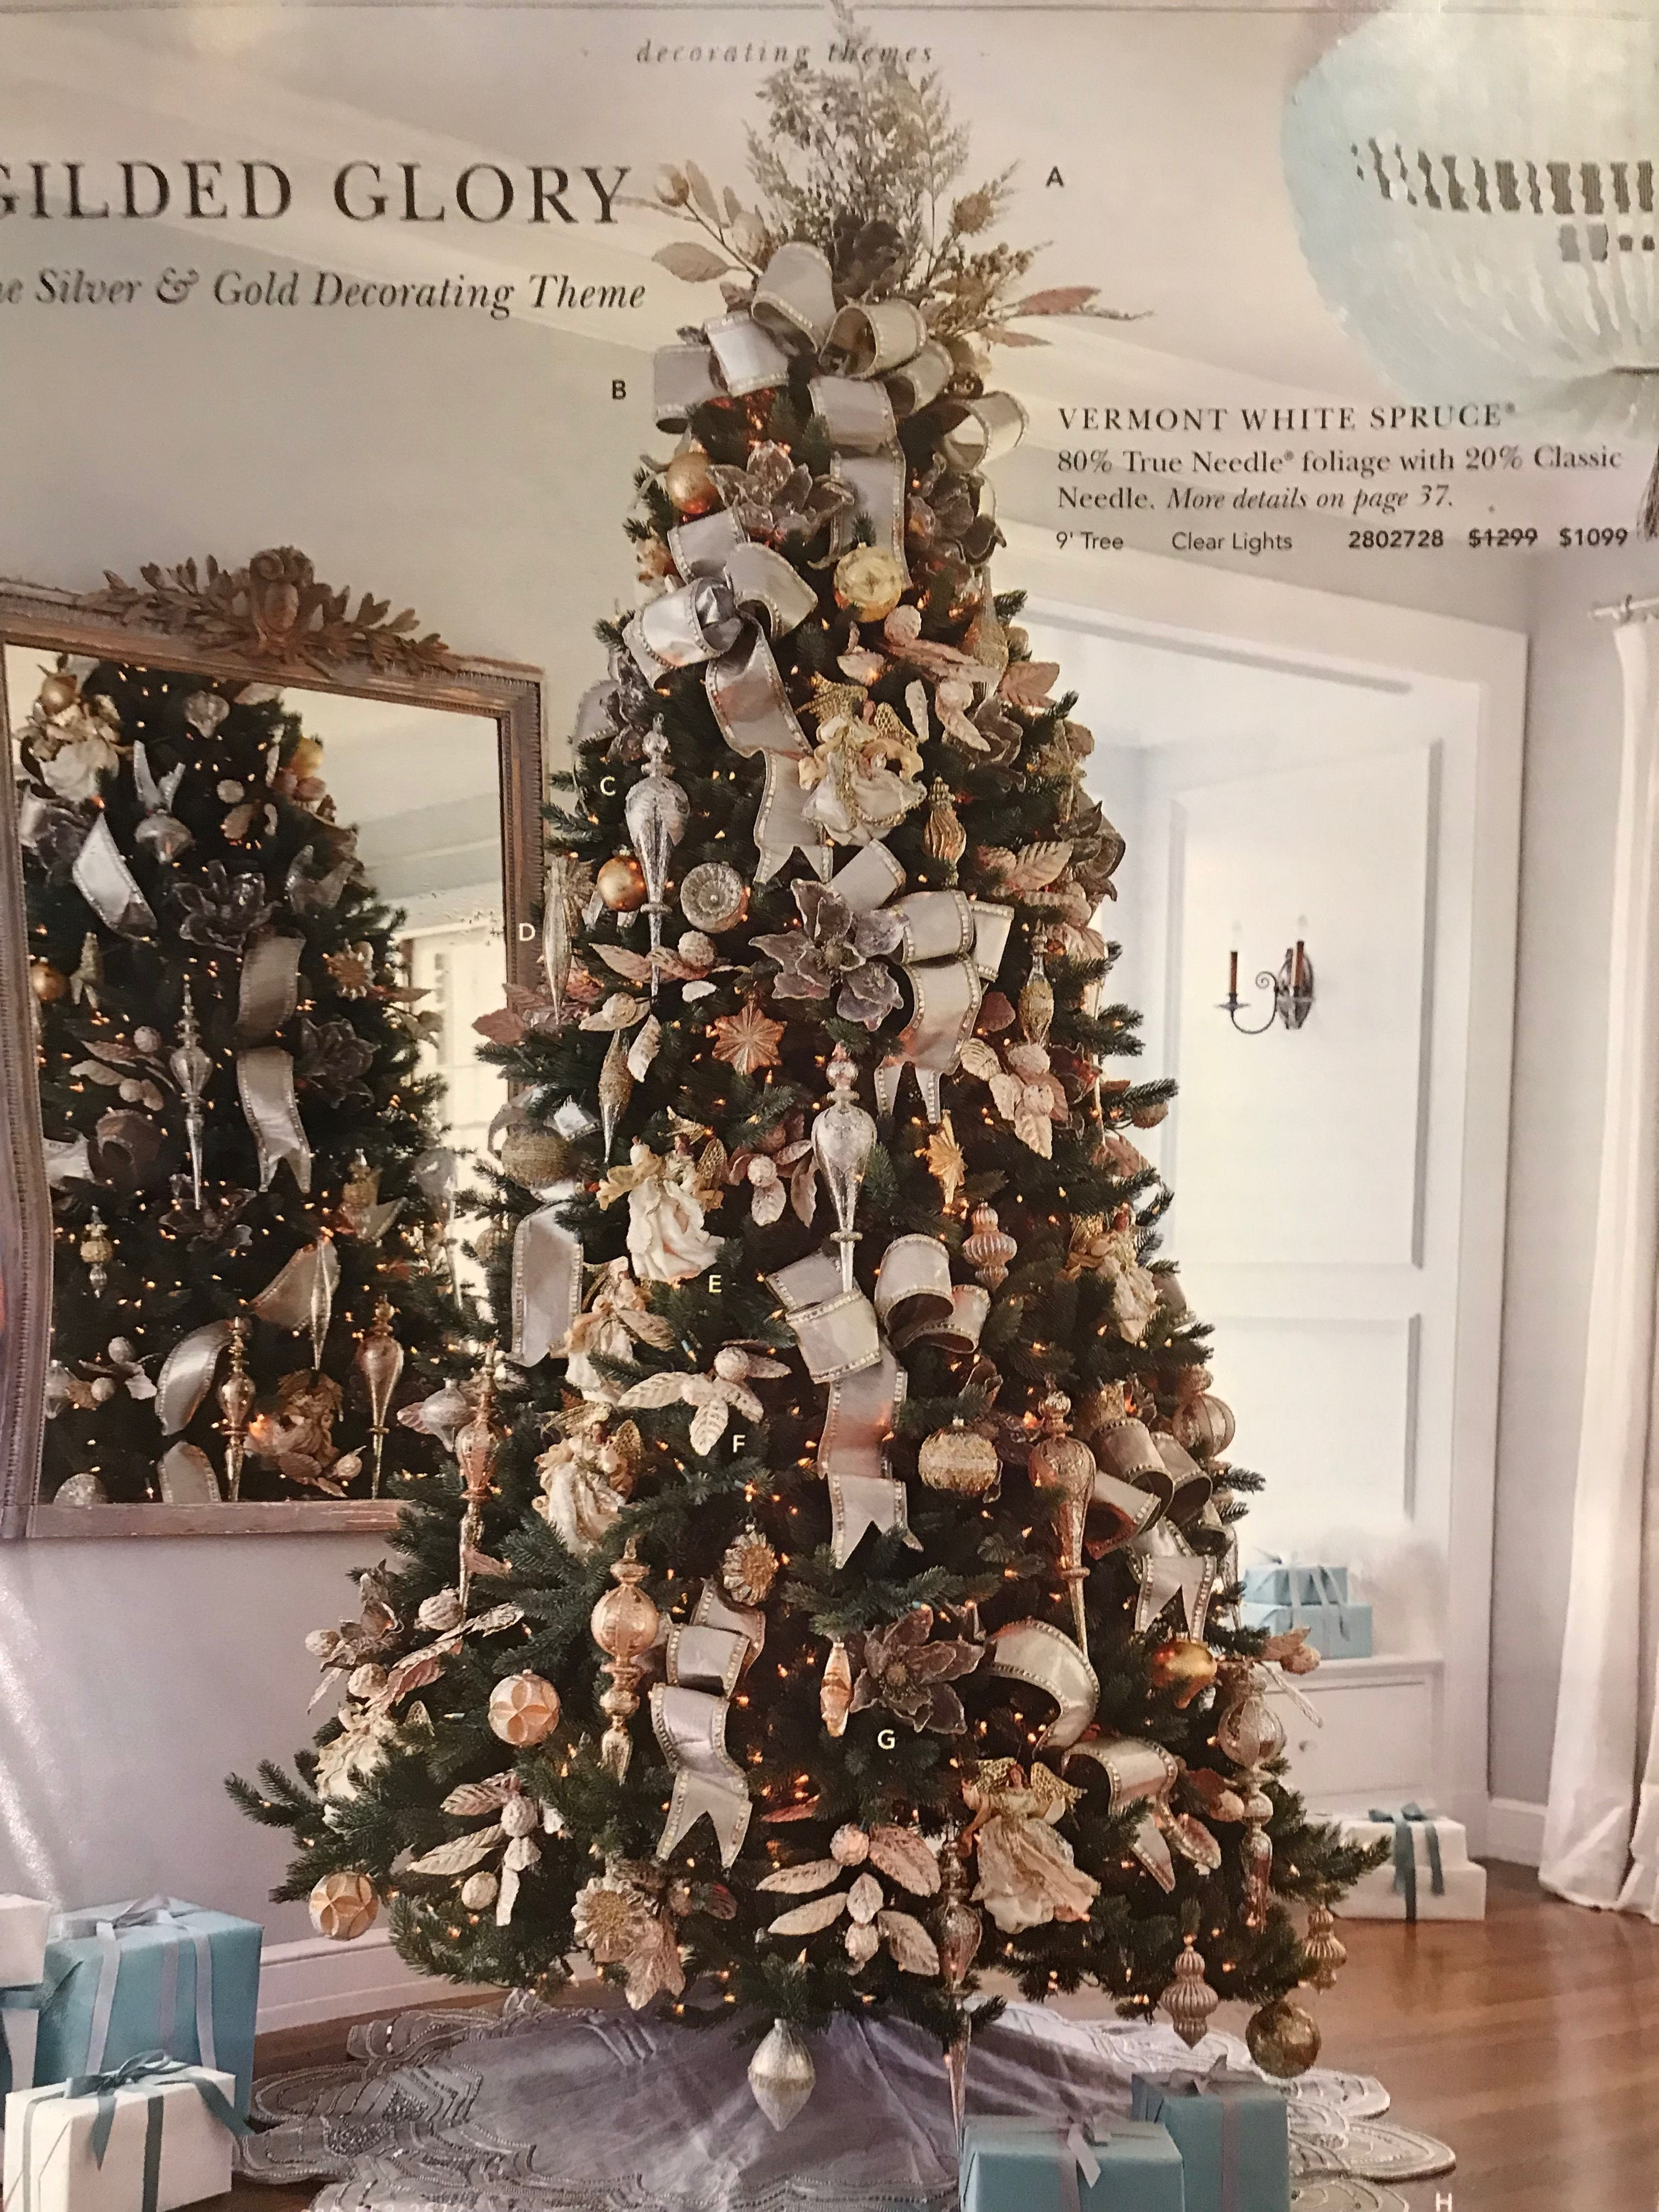 Pin By Lisa Chamberlain On Christmas Cool Christmas Trees Christmas Tree Decorations Glamorous Christmas Tree